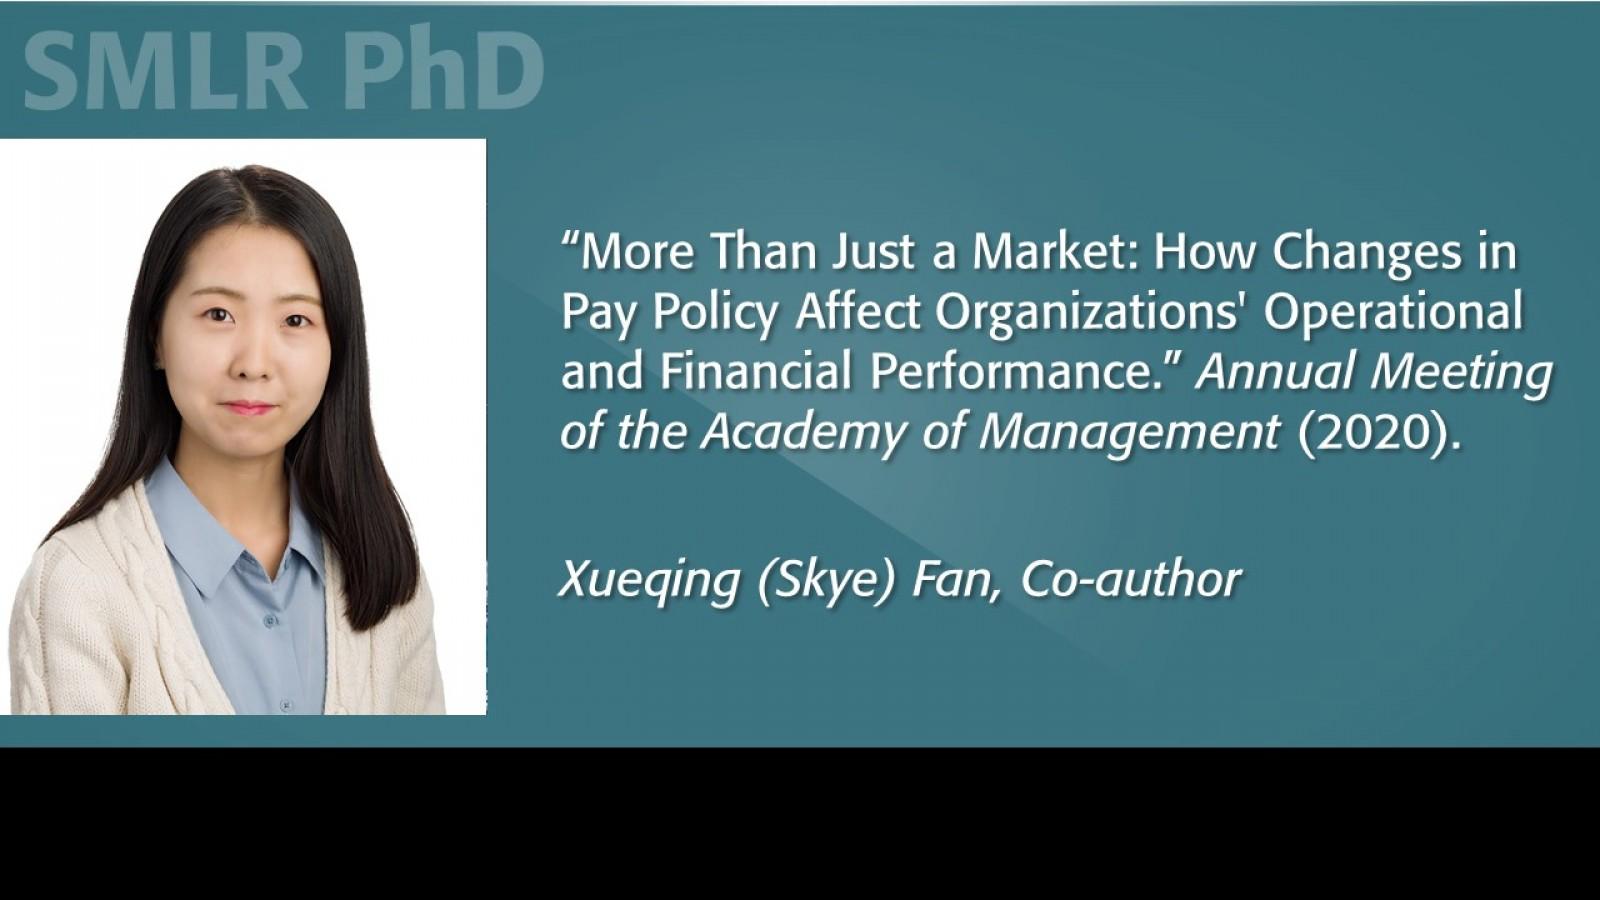 Image of Xueqing (Skye) Fan